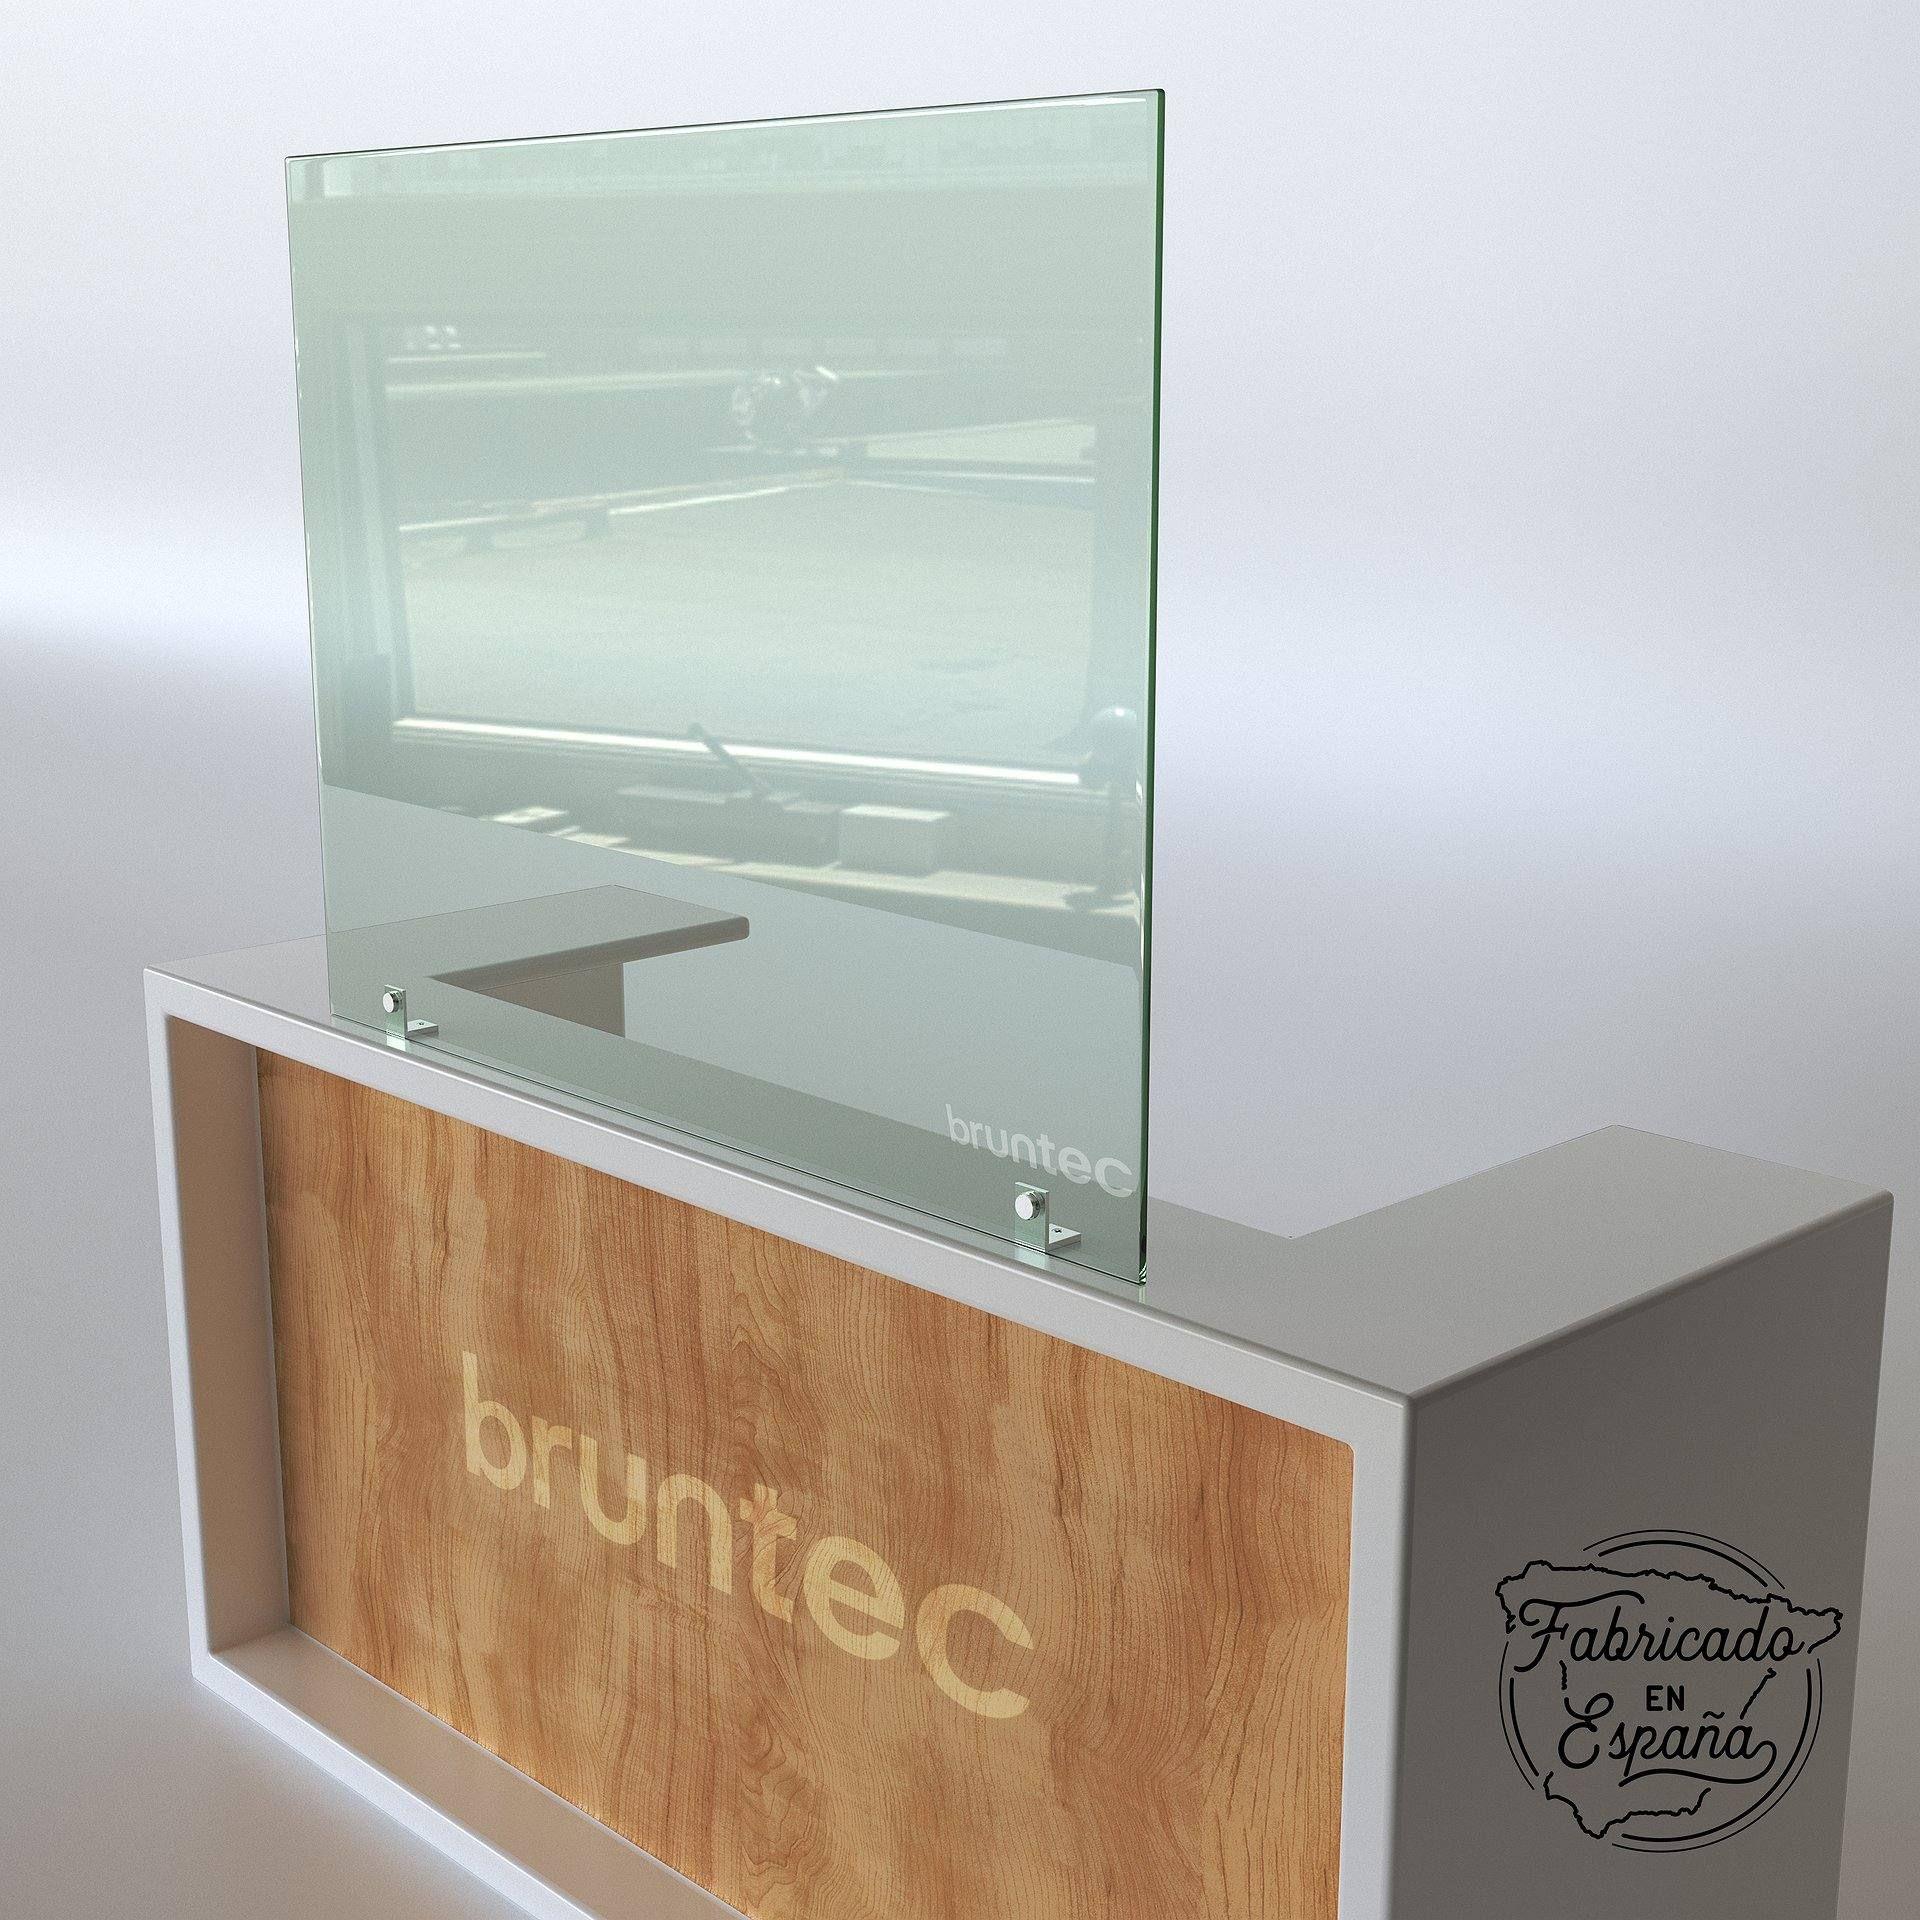 Mampara Separadora De Cristal Dublin 80 Cm Alto Y Ancho Varias Medidas Mampara De Cristal Disenos De Unas Diseño Casas Pequeñas